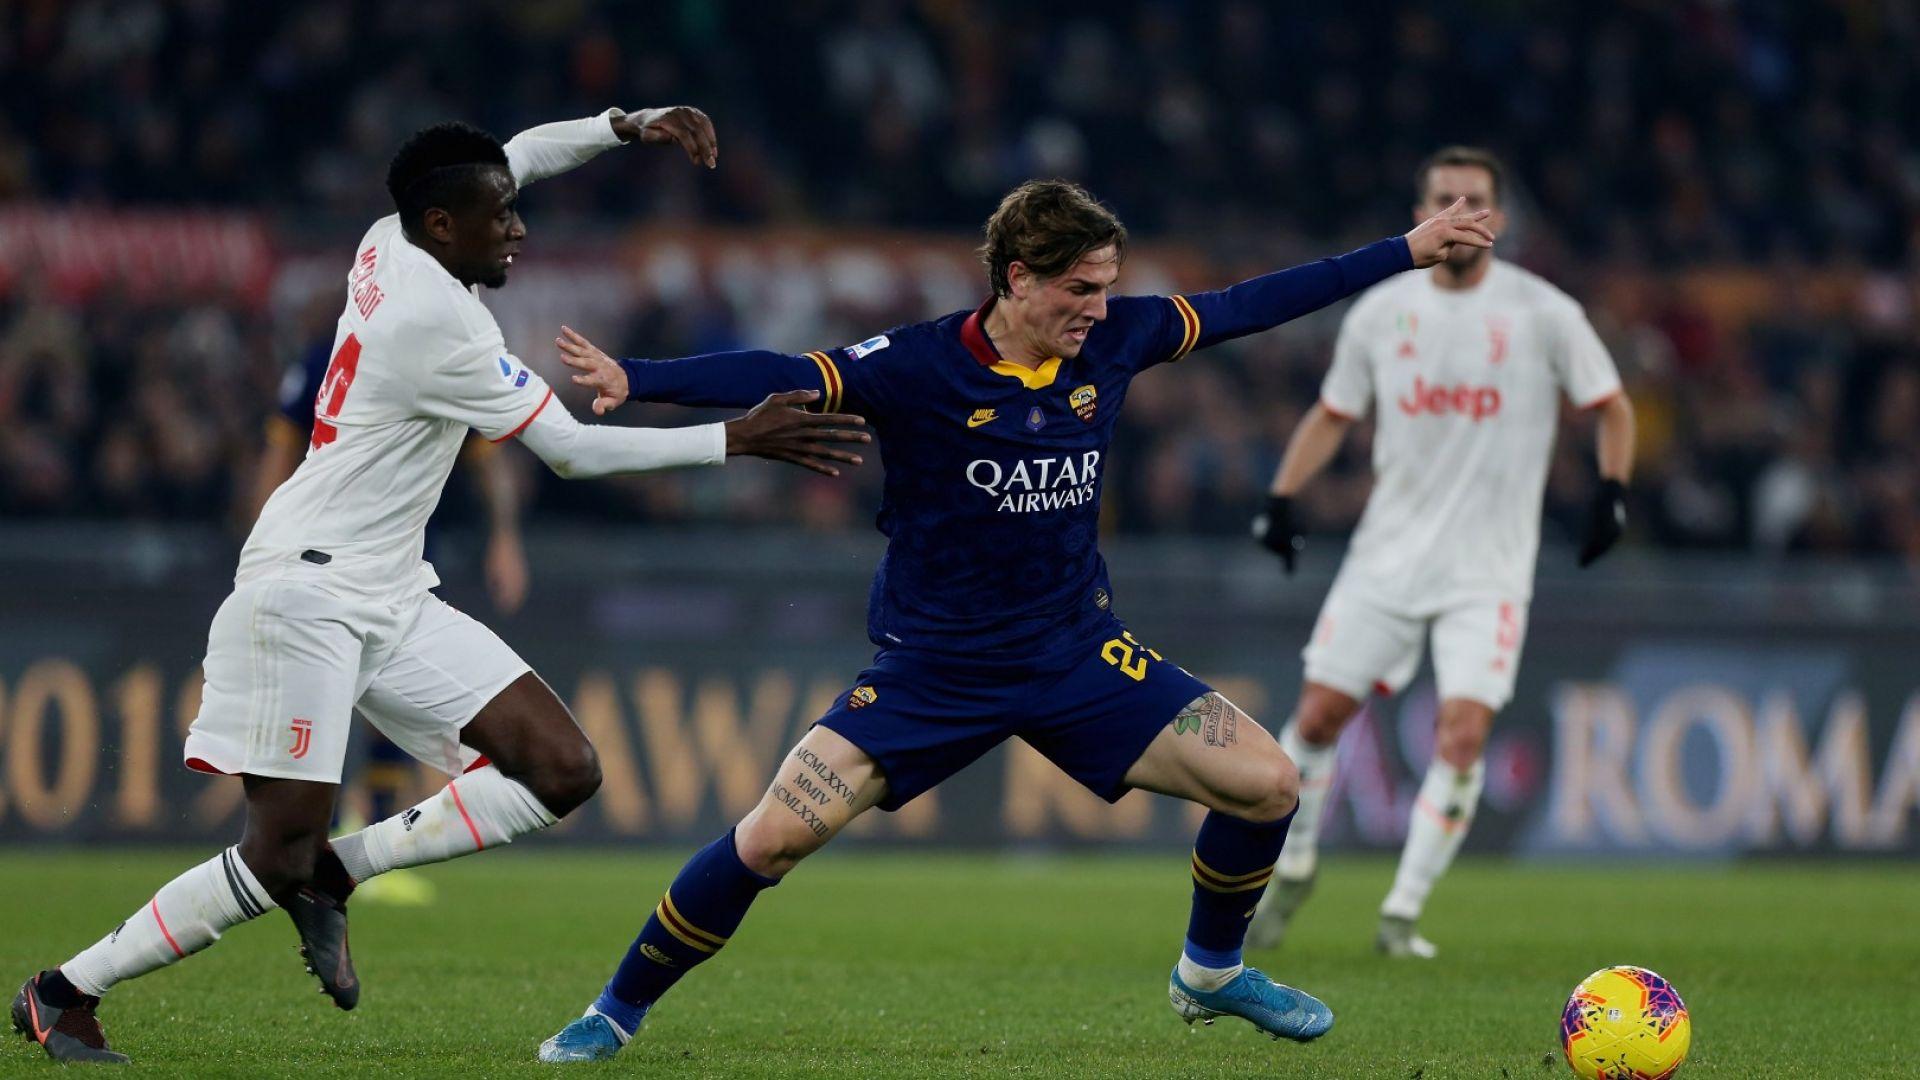 Голям удар за Рома и Италия - младата звезда Дзаниоло е с много тежка контузия